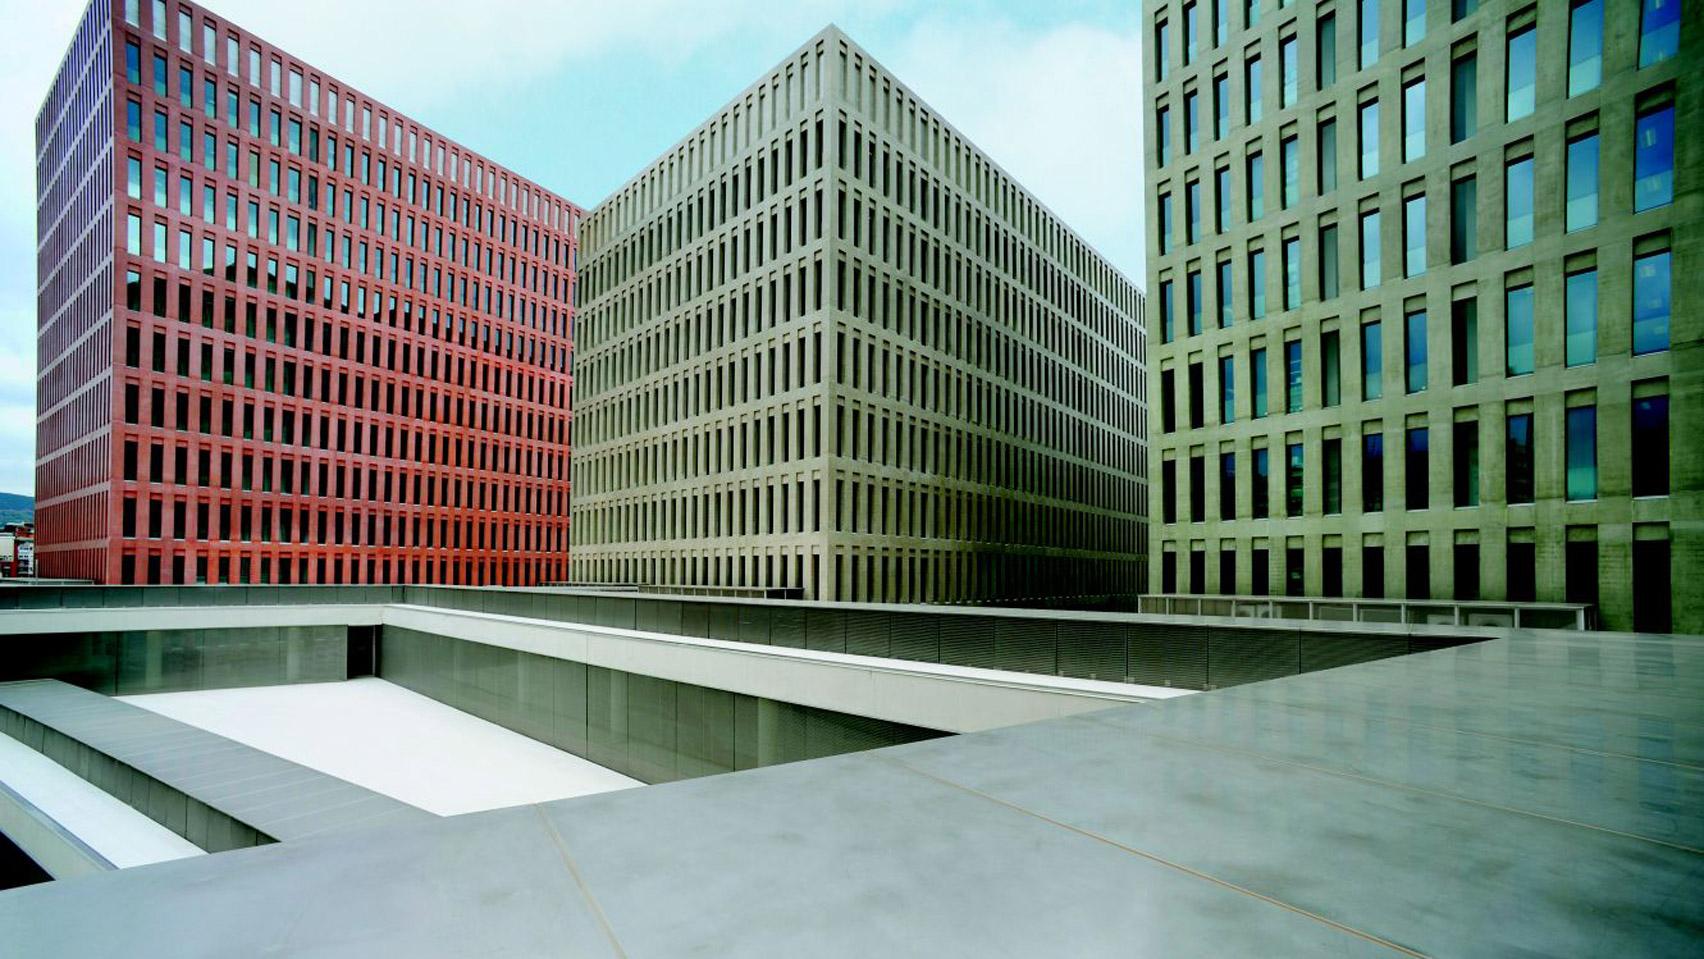 David Chipperfield's 'Ciutat de la Justicia' which won the Coloured Concrete Works Award in 2018